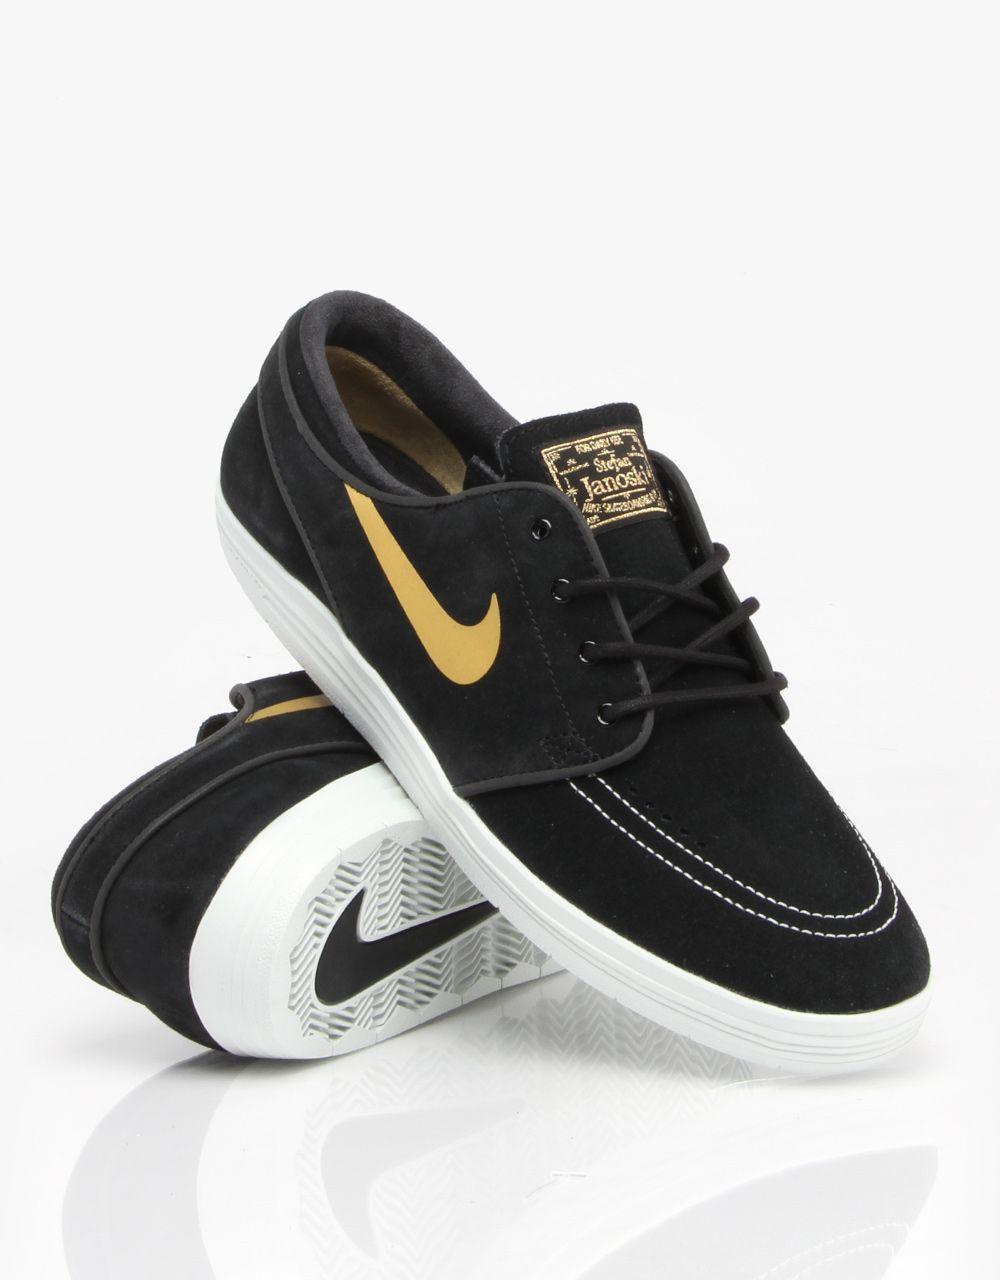 Nike Sb Zapatos Chaqueta Mediados Lr De Presa barato xGLkBth